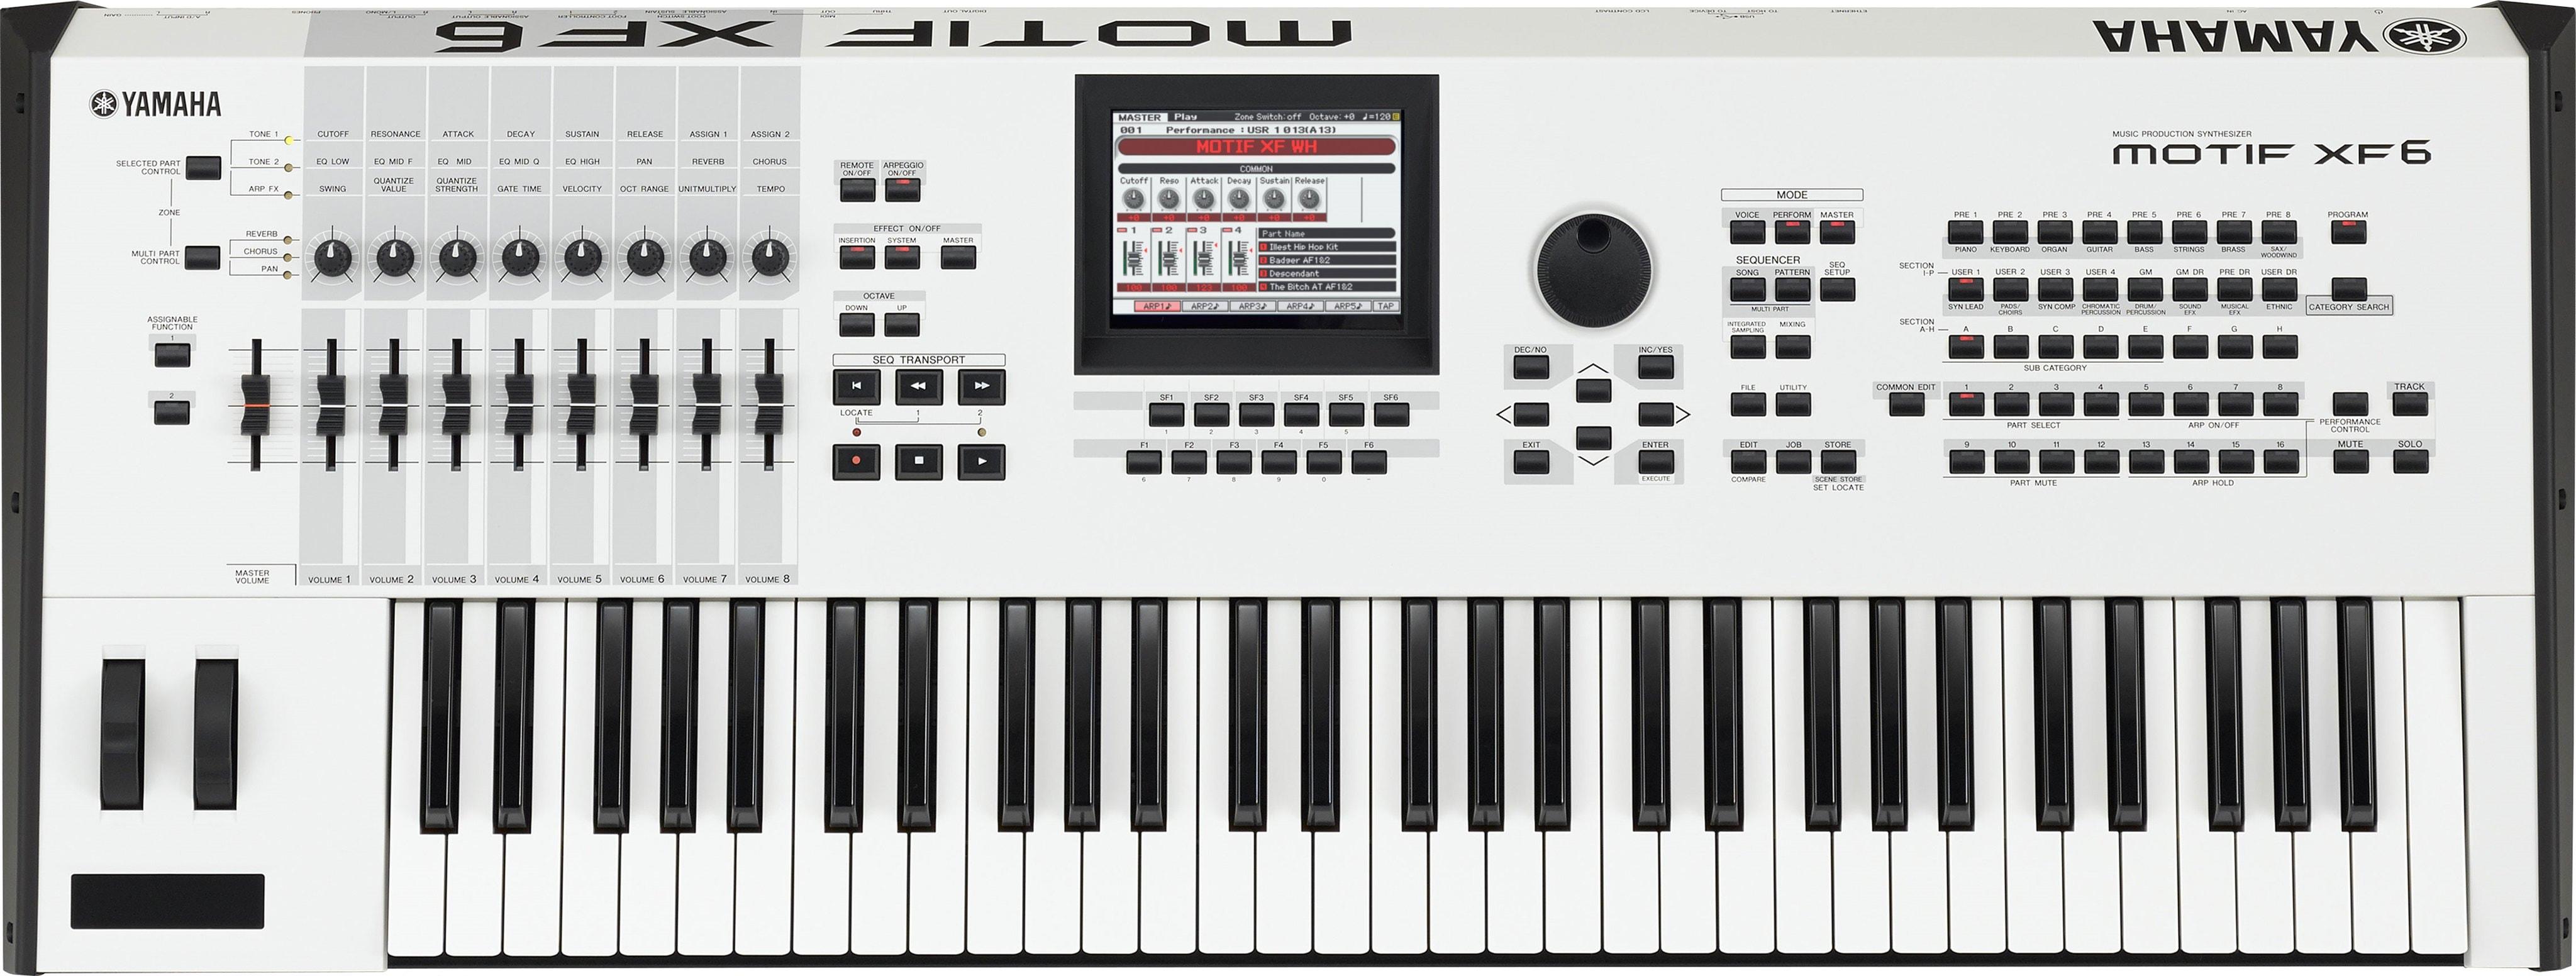 motif xf wh series synthesizers synthesizers music production rh usa yamaha com yamaha motif xf manual pdf yamaha motif xf reference manual